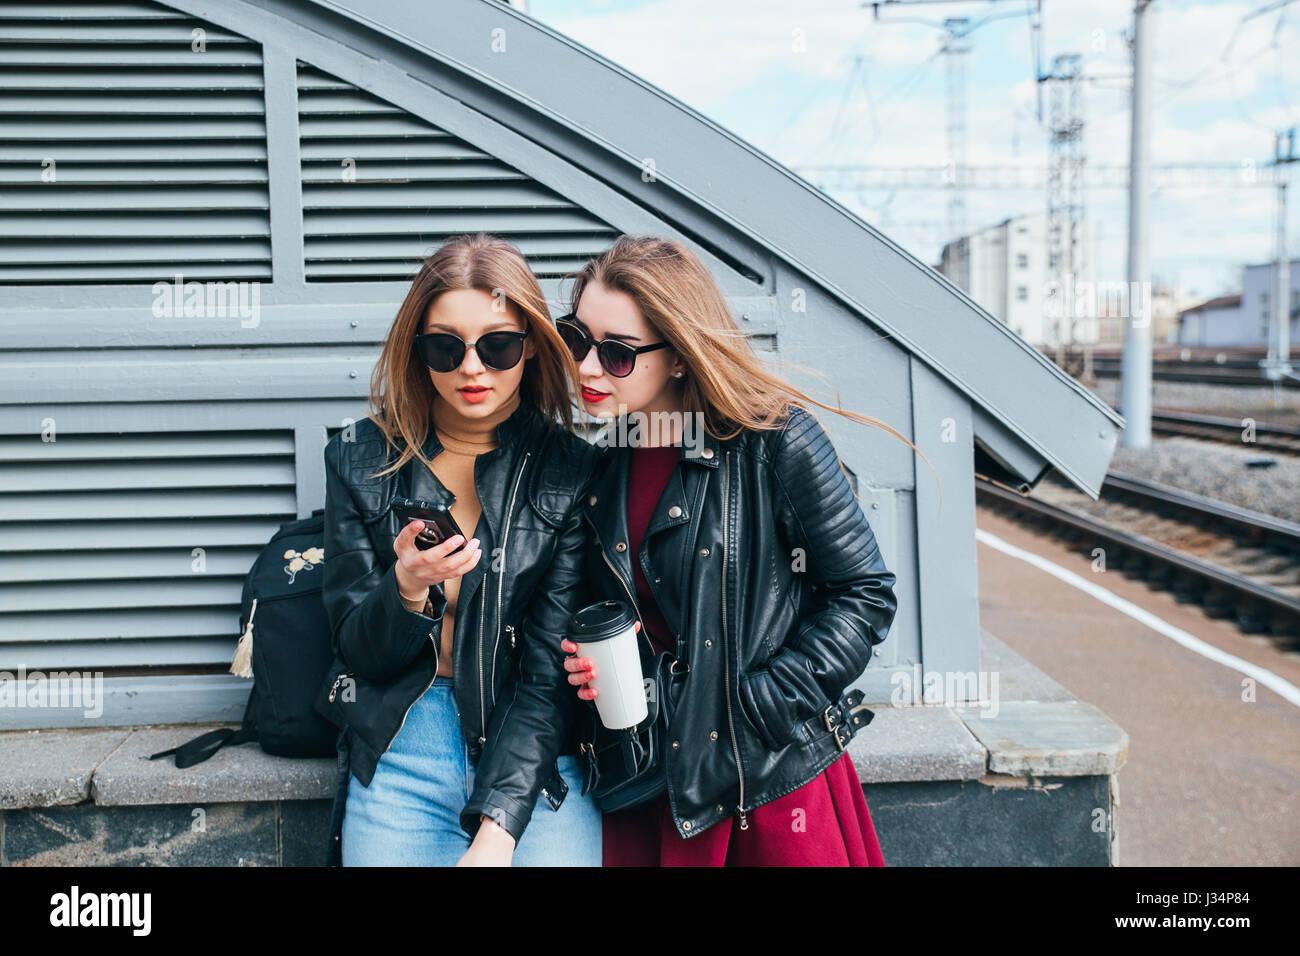 Dos mujeres hablando en la ciudad.Outdoor Lifestyle retrato de dos mejores amigos hipster niñas vestían Imagen De Stock